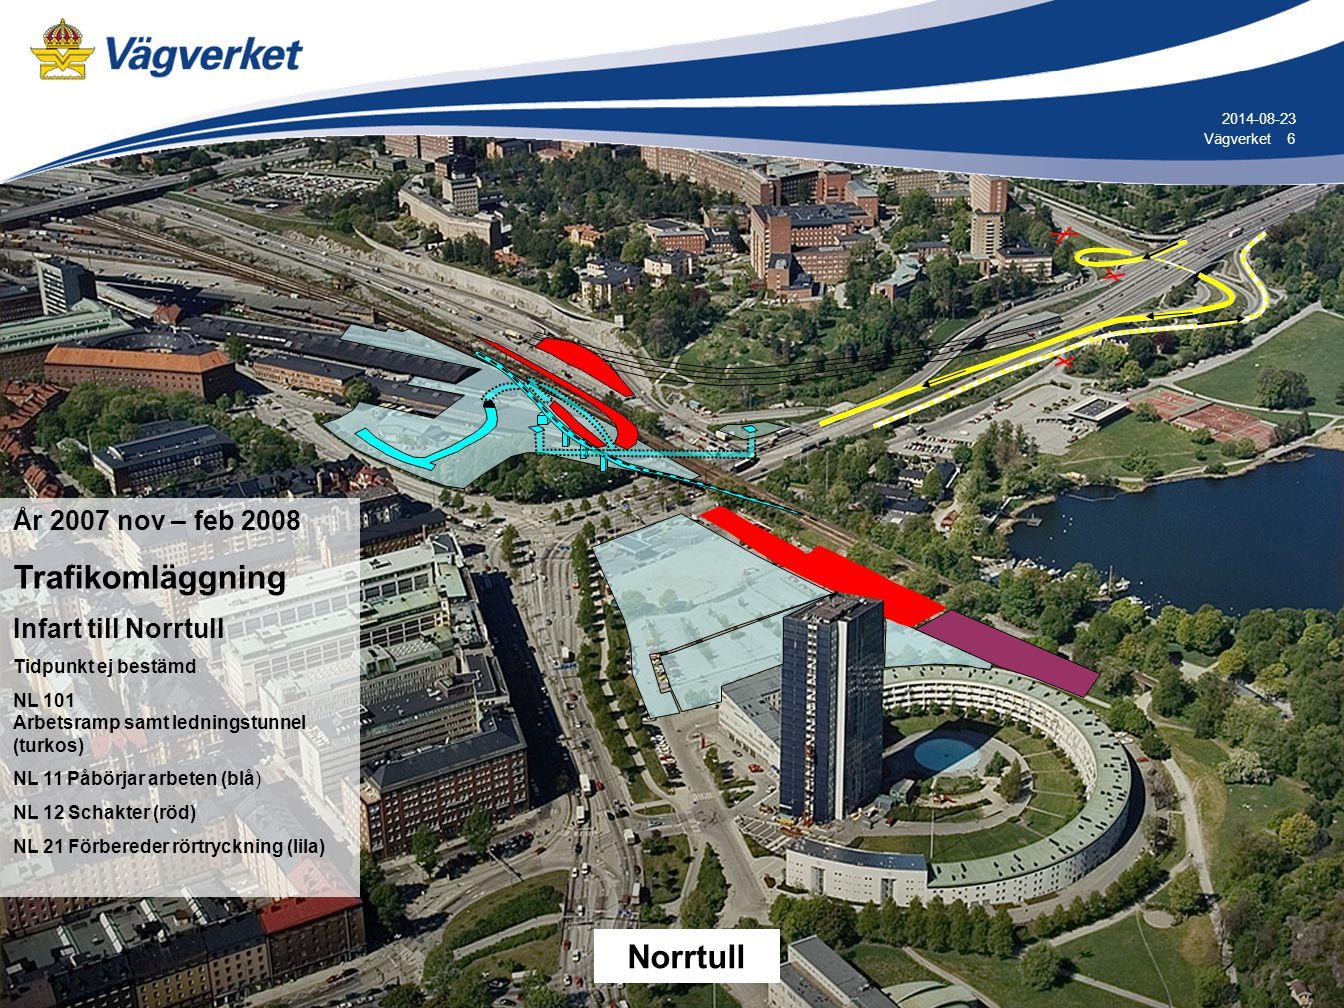 6 6Vägverket 2014-08-23 År 2007 nov – feb 2008 Trafikomläggning Infart till Norrtull Tidpunkt ej bestämd NL 101 Arbetsramp samt ledningstunnel (turkos